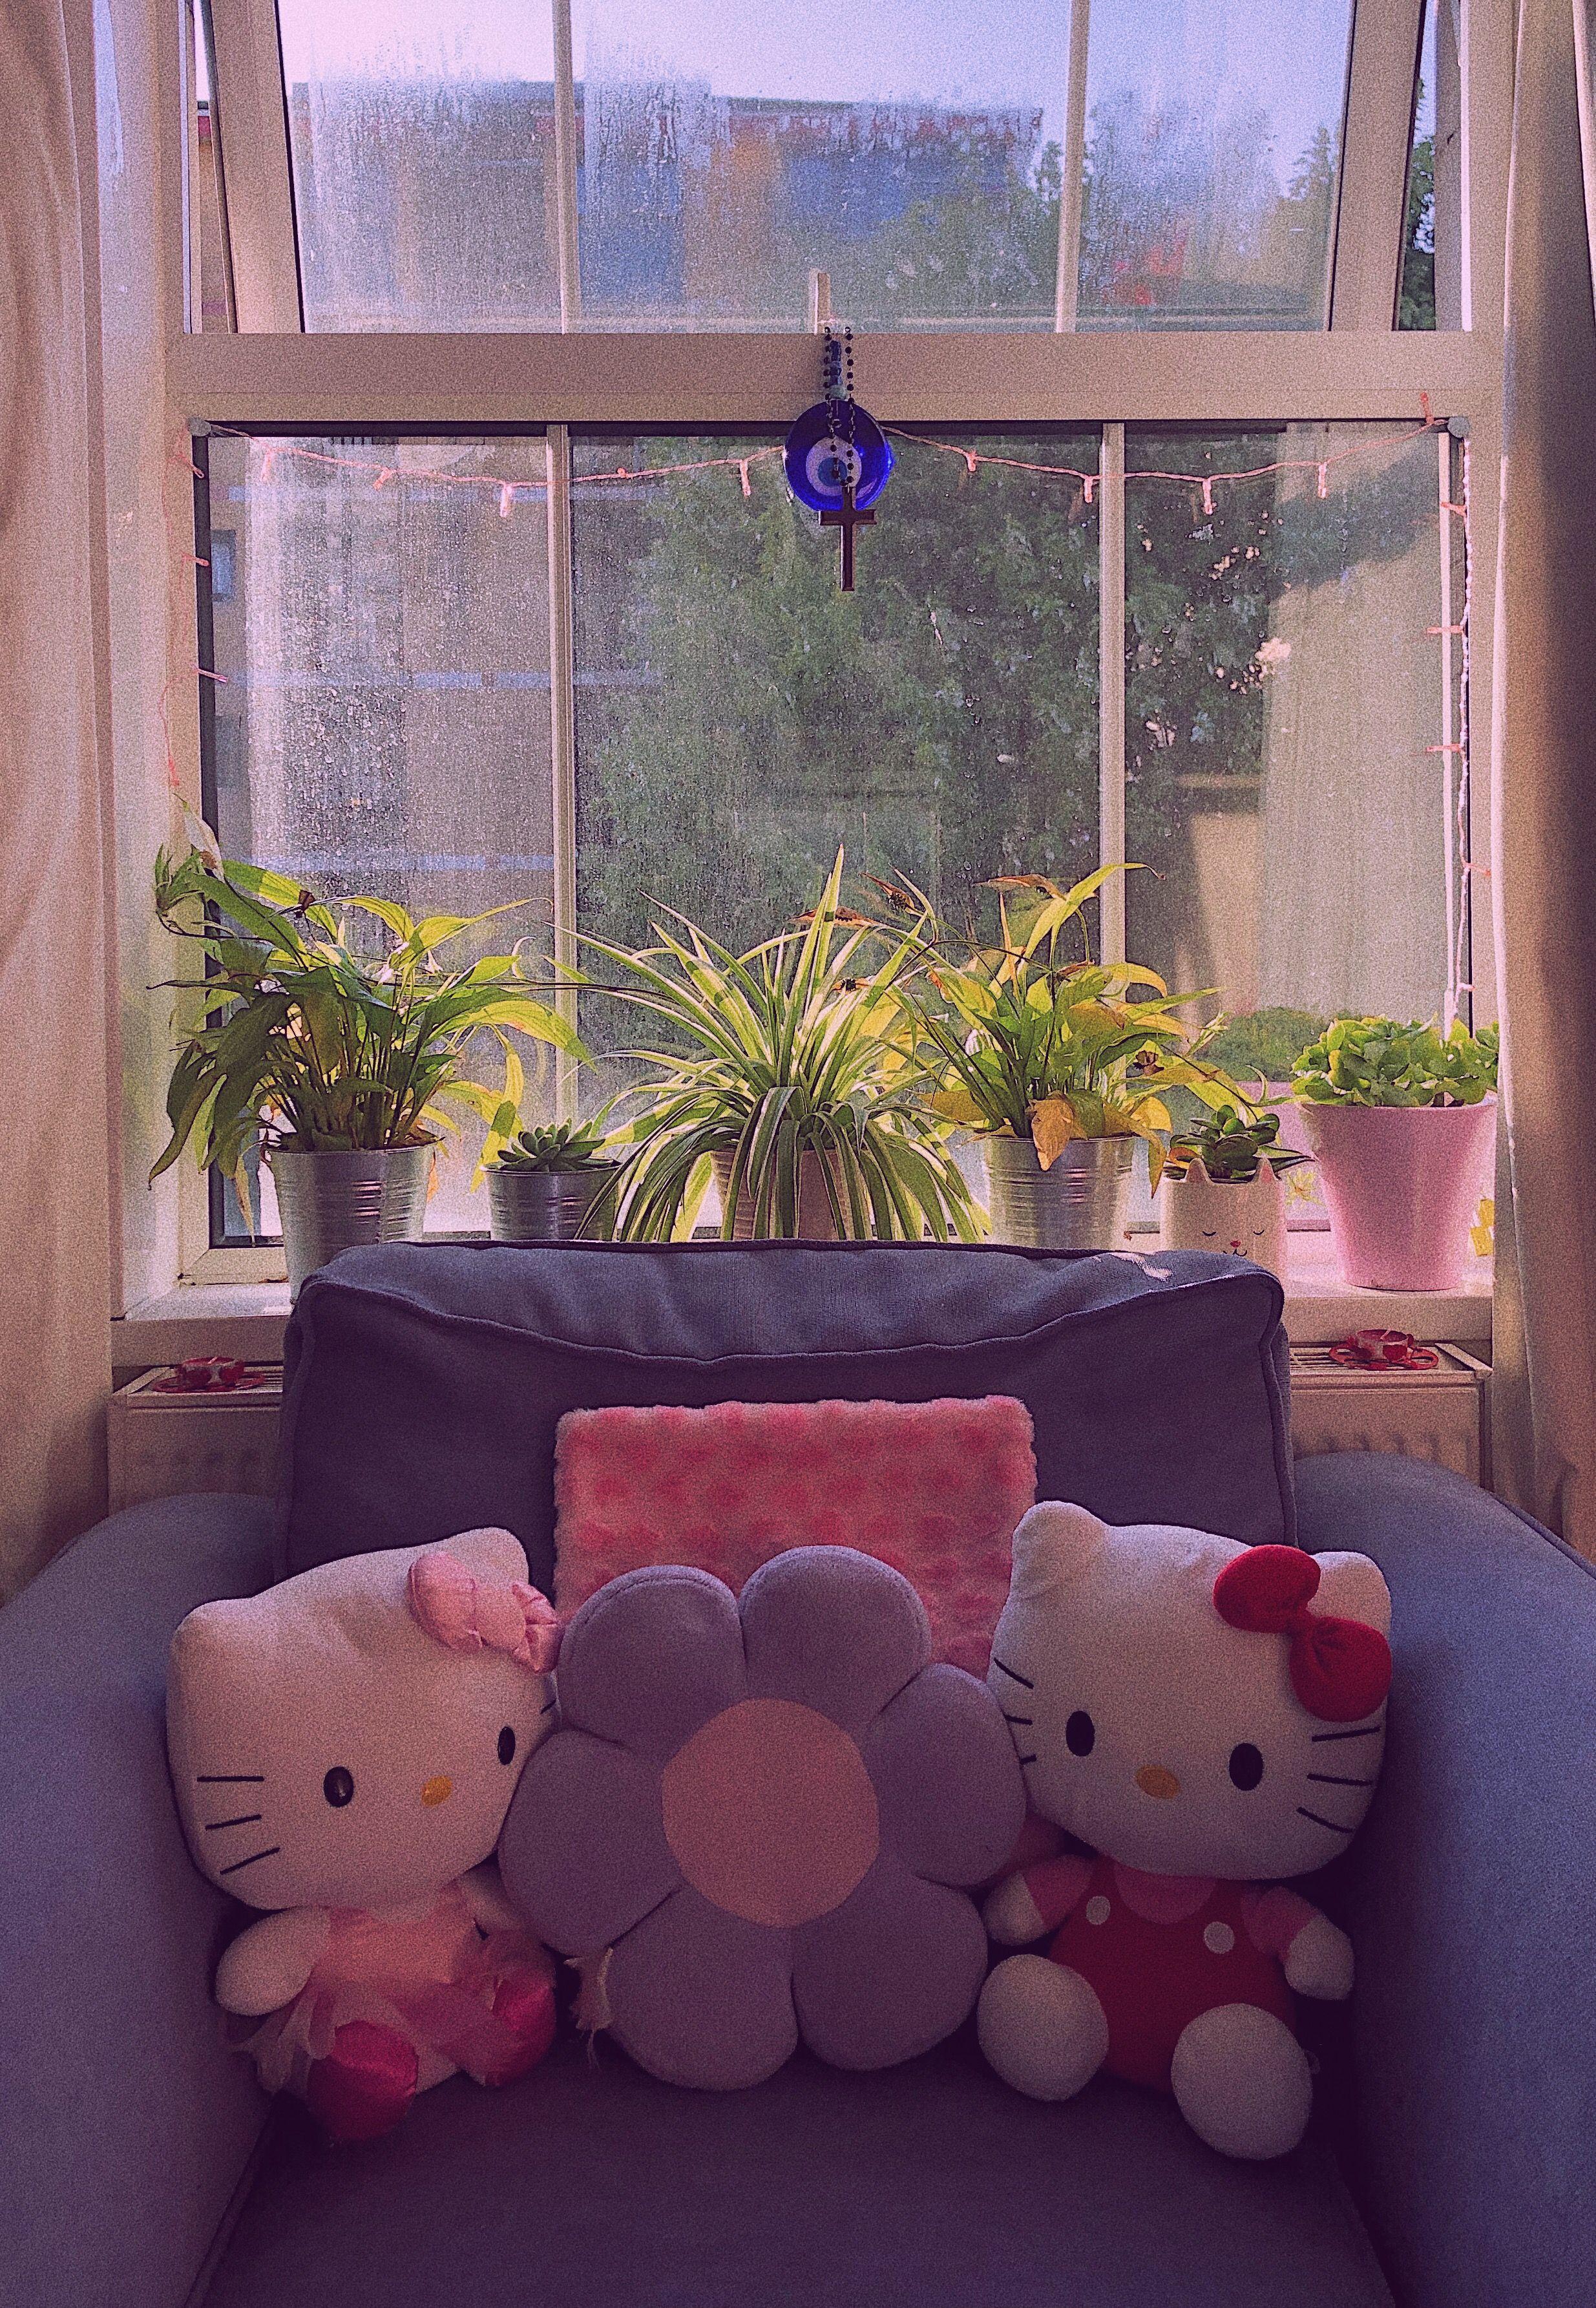 Fresh Plants Hello Kitty Y2k Room Window In 2020